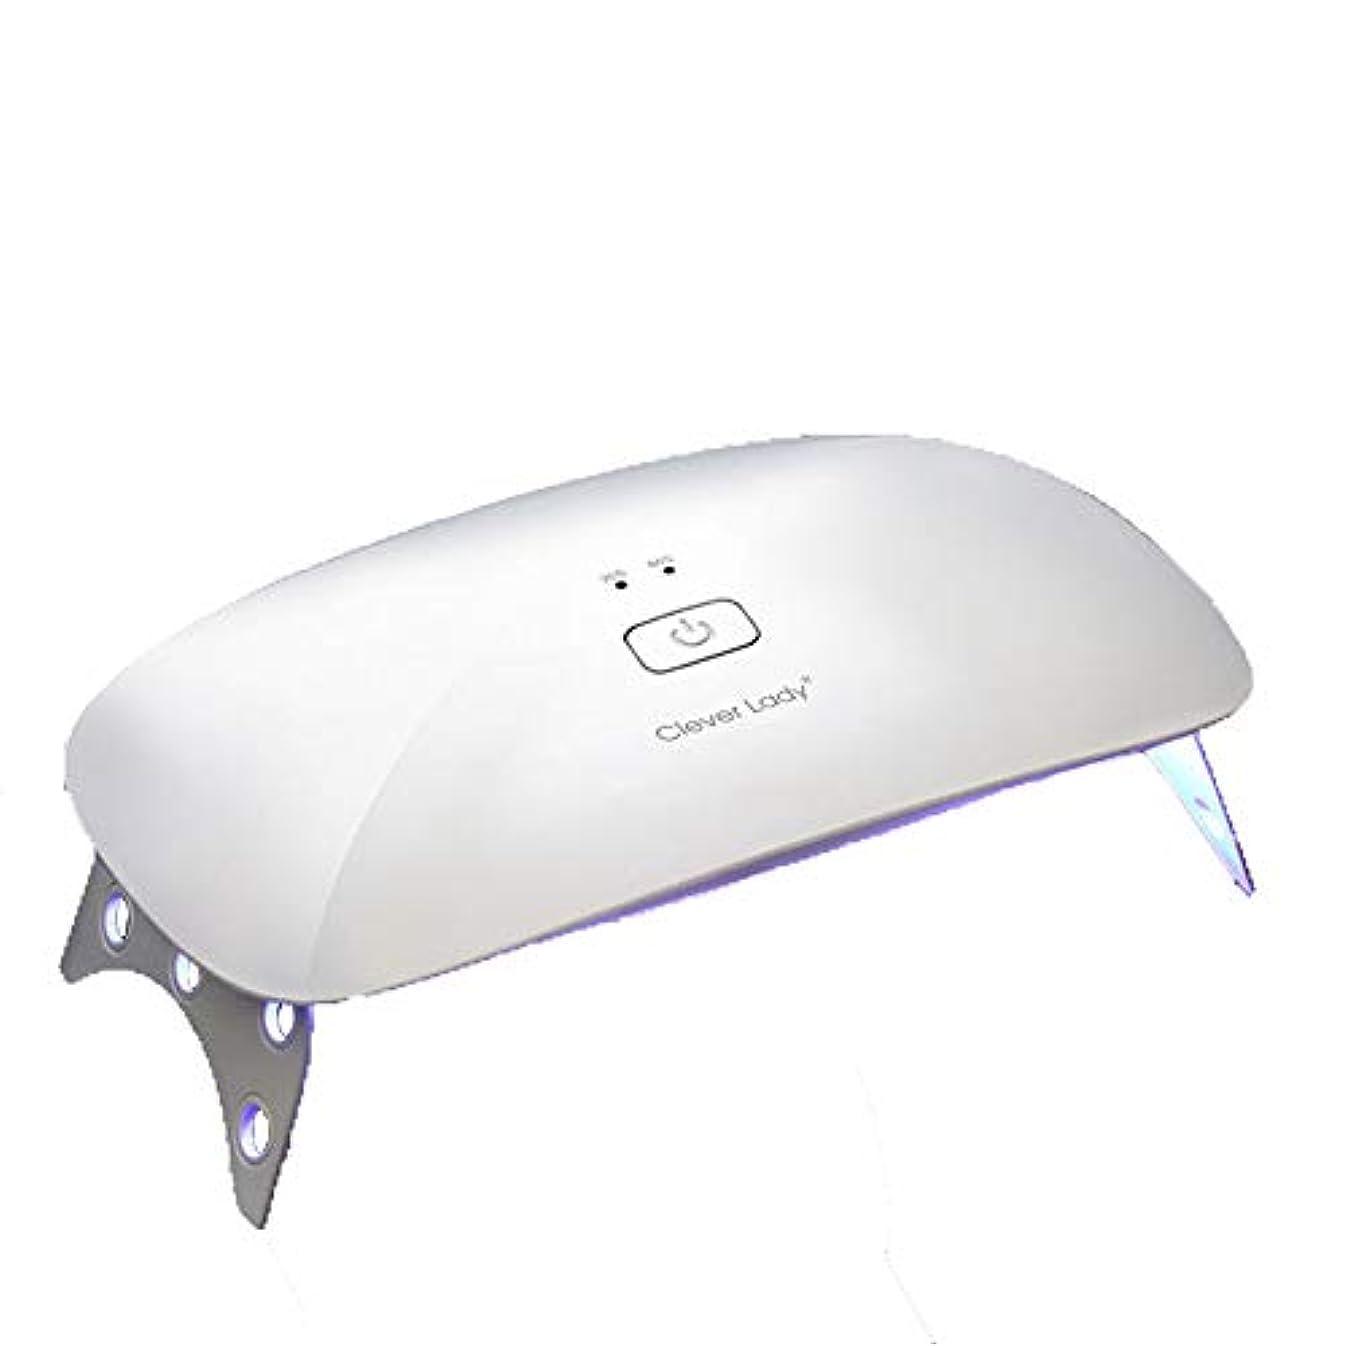 異邦人報いる純粋にLEDネイル光線療法機、ホームインテリジェント自動誘導ネイル硬化機折りたたみ式クイックドライヤー、ポータブルネイルポリッシャー